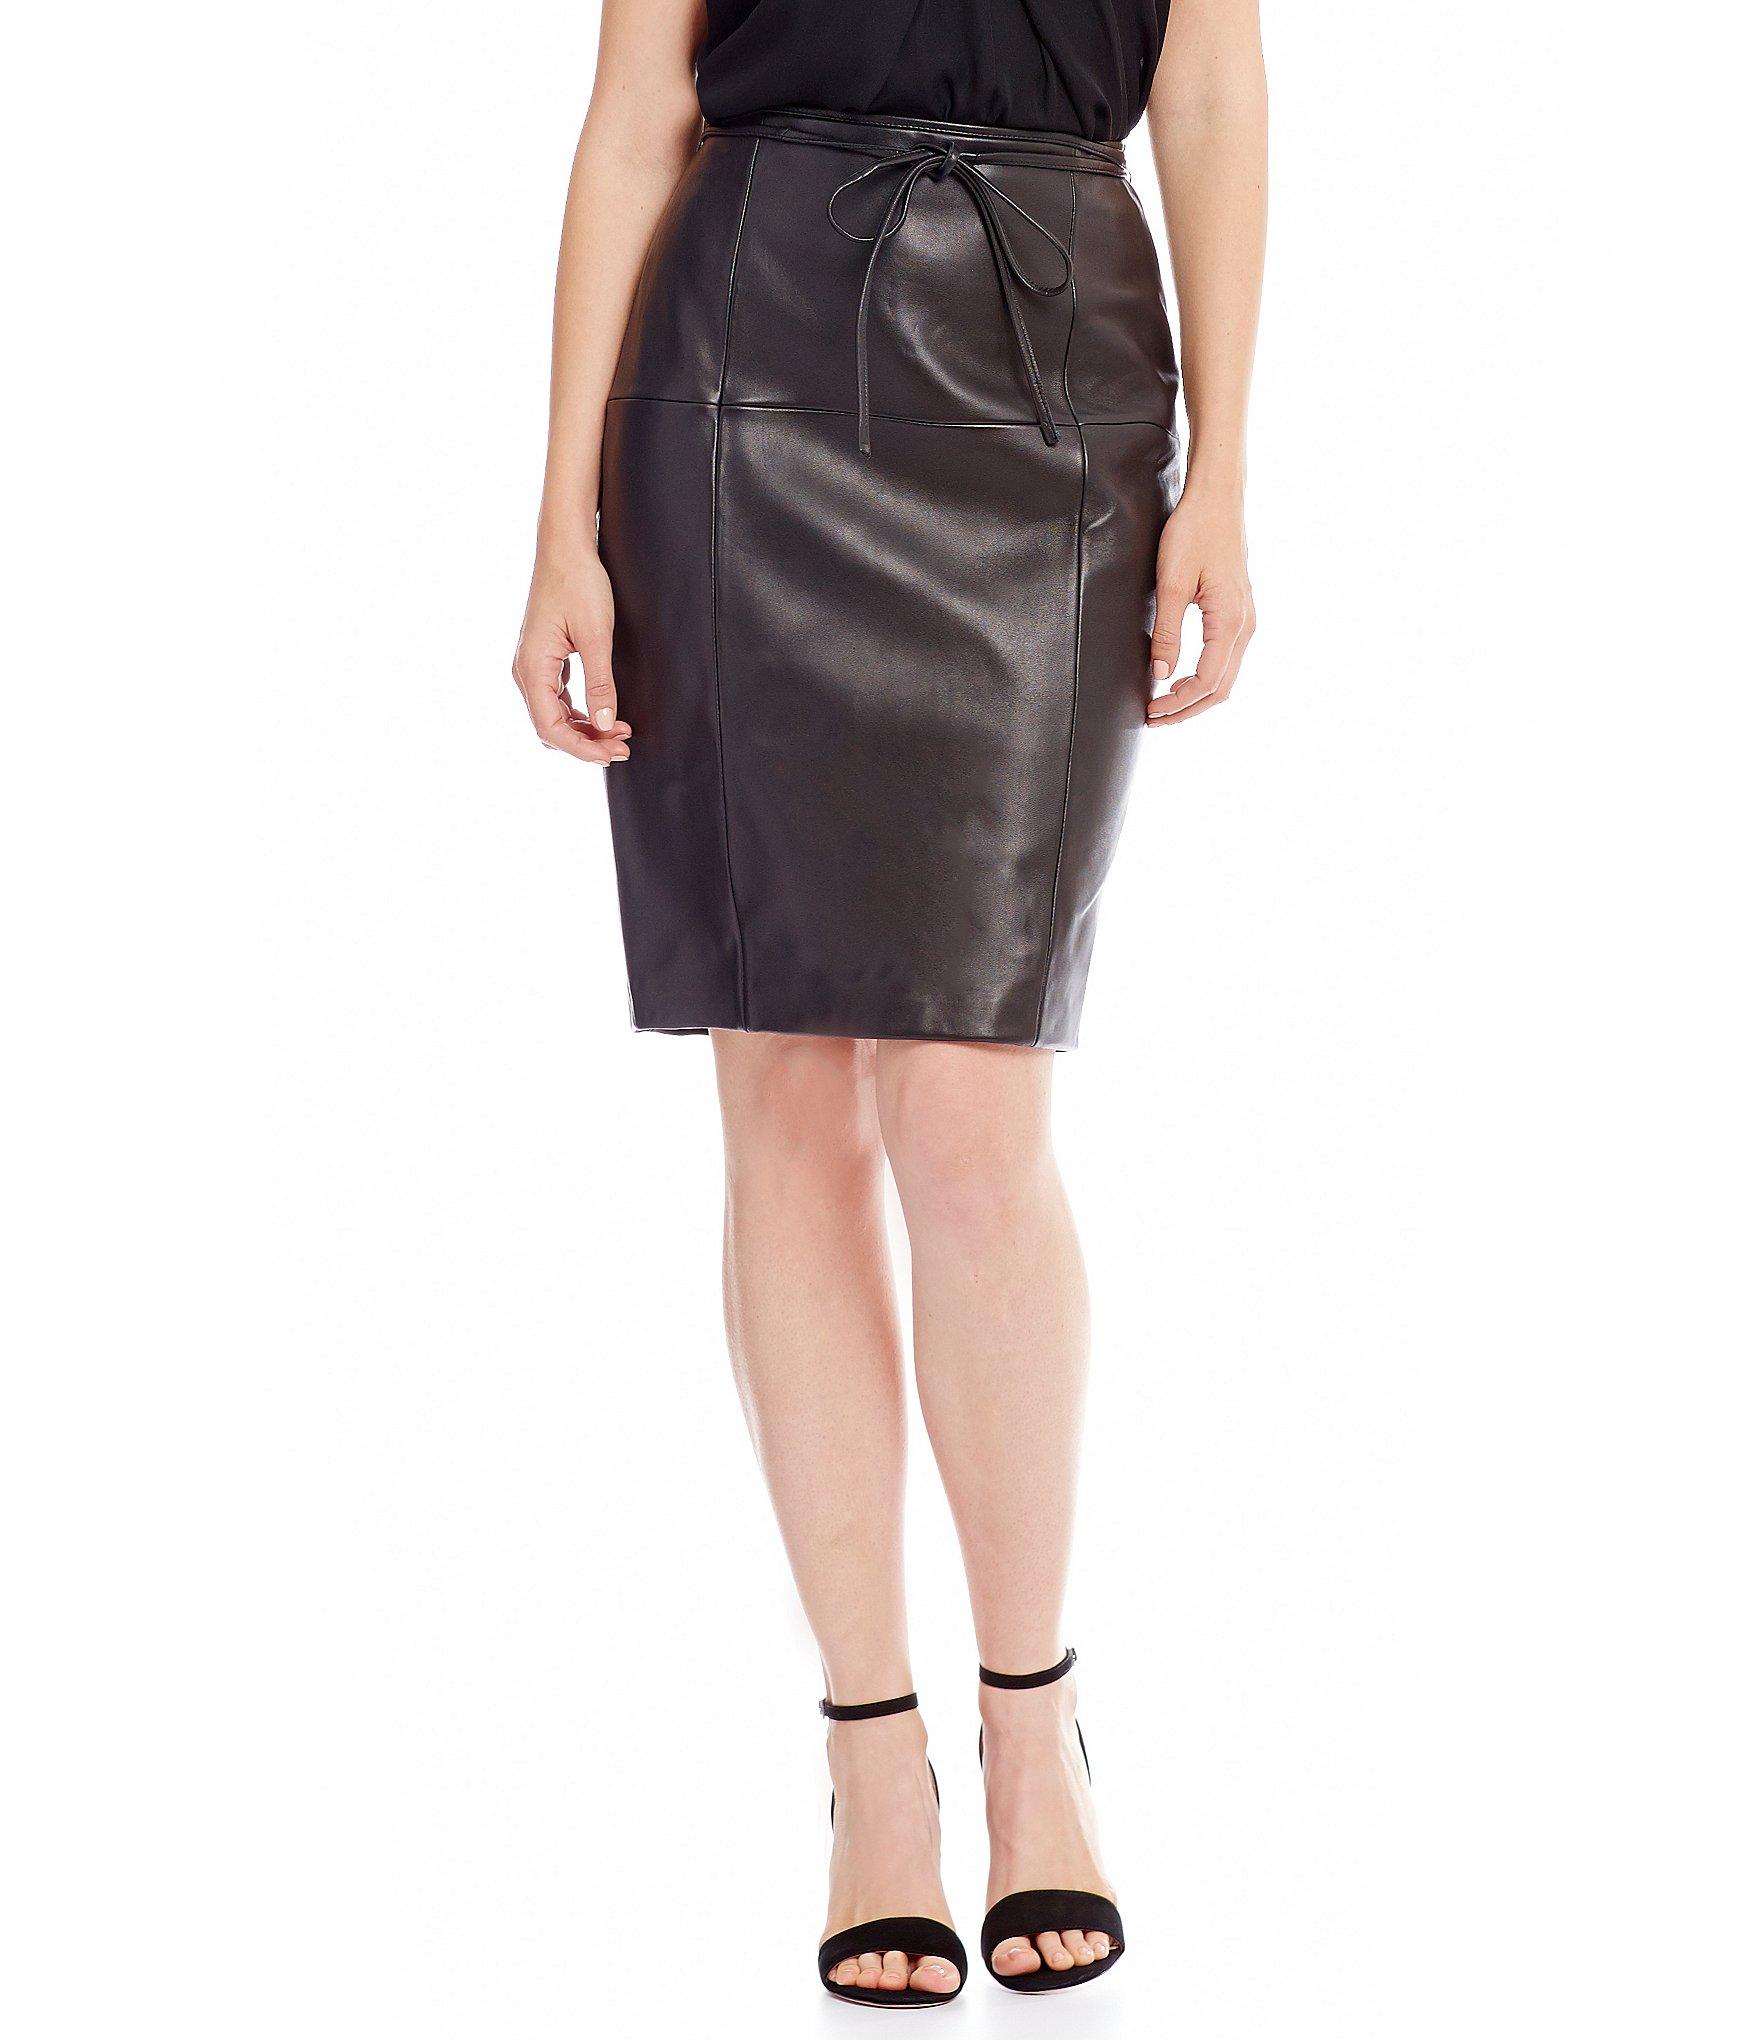 antonio melani luxury collection genuine leather